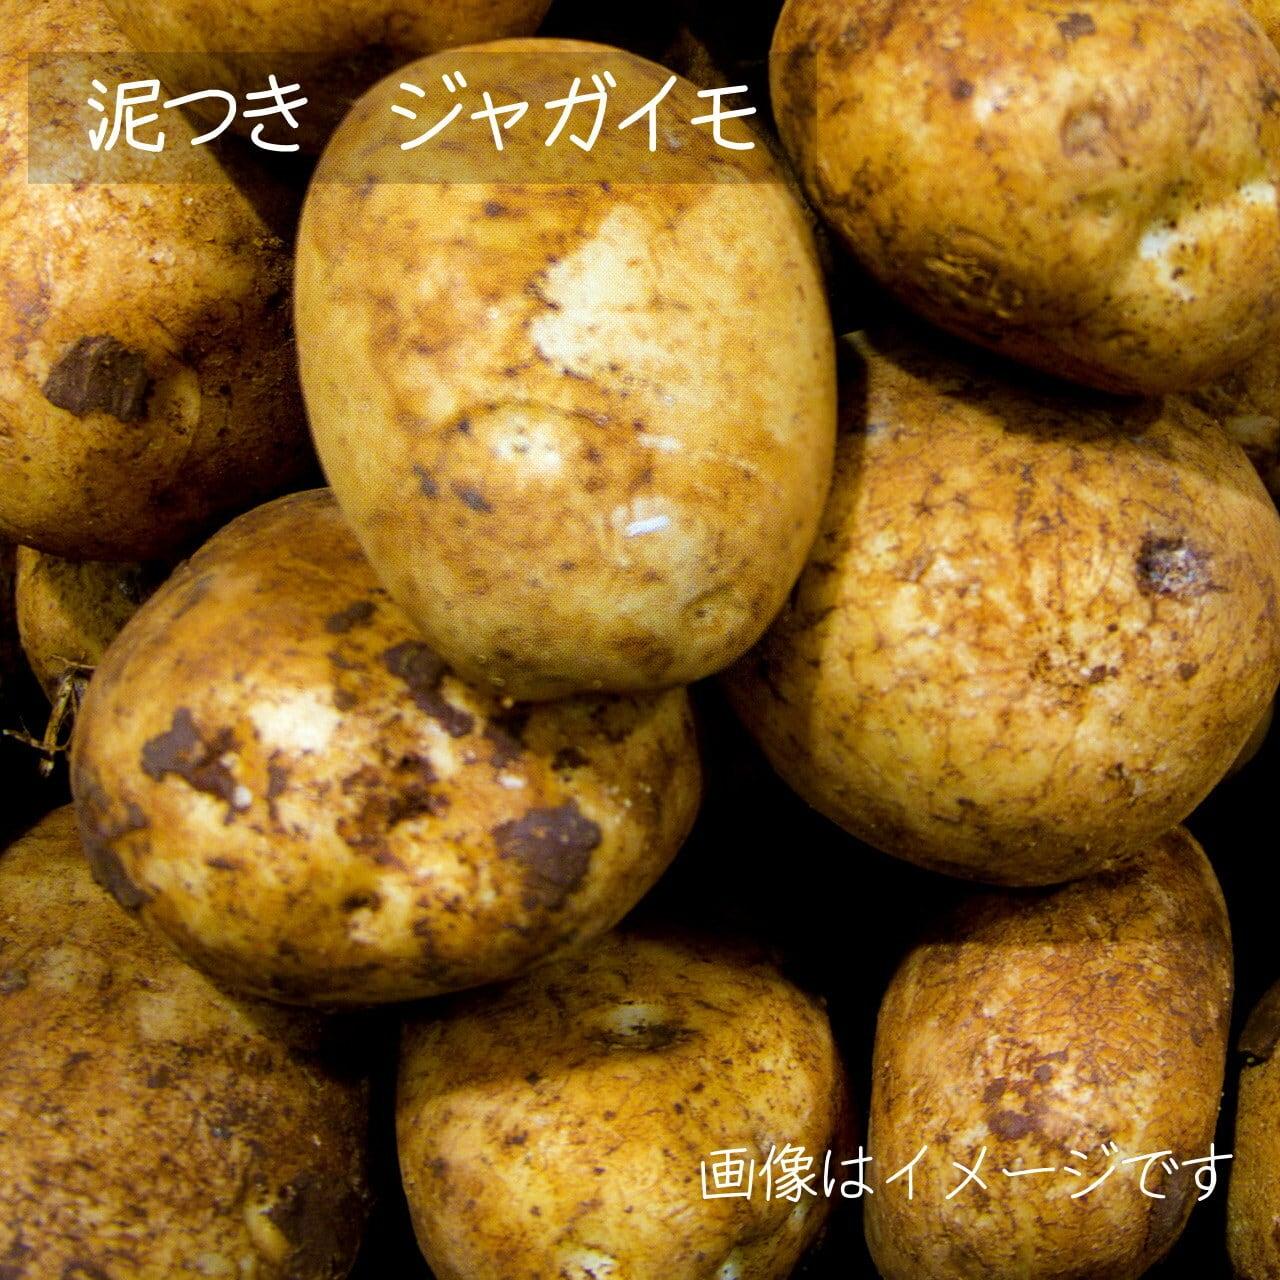 新鮮な秋野菜 : ジャガイモ 約600g 11月の朝採り直売野菜 11月7日発送予定